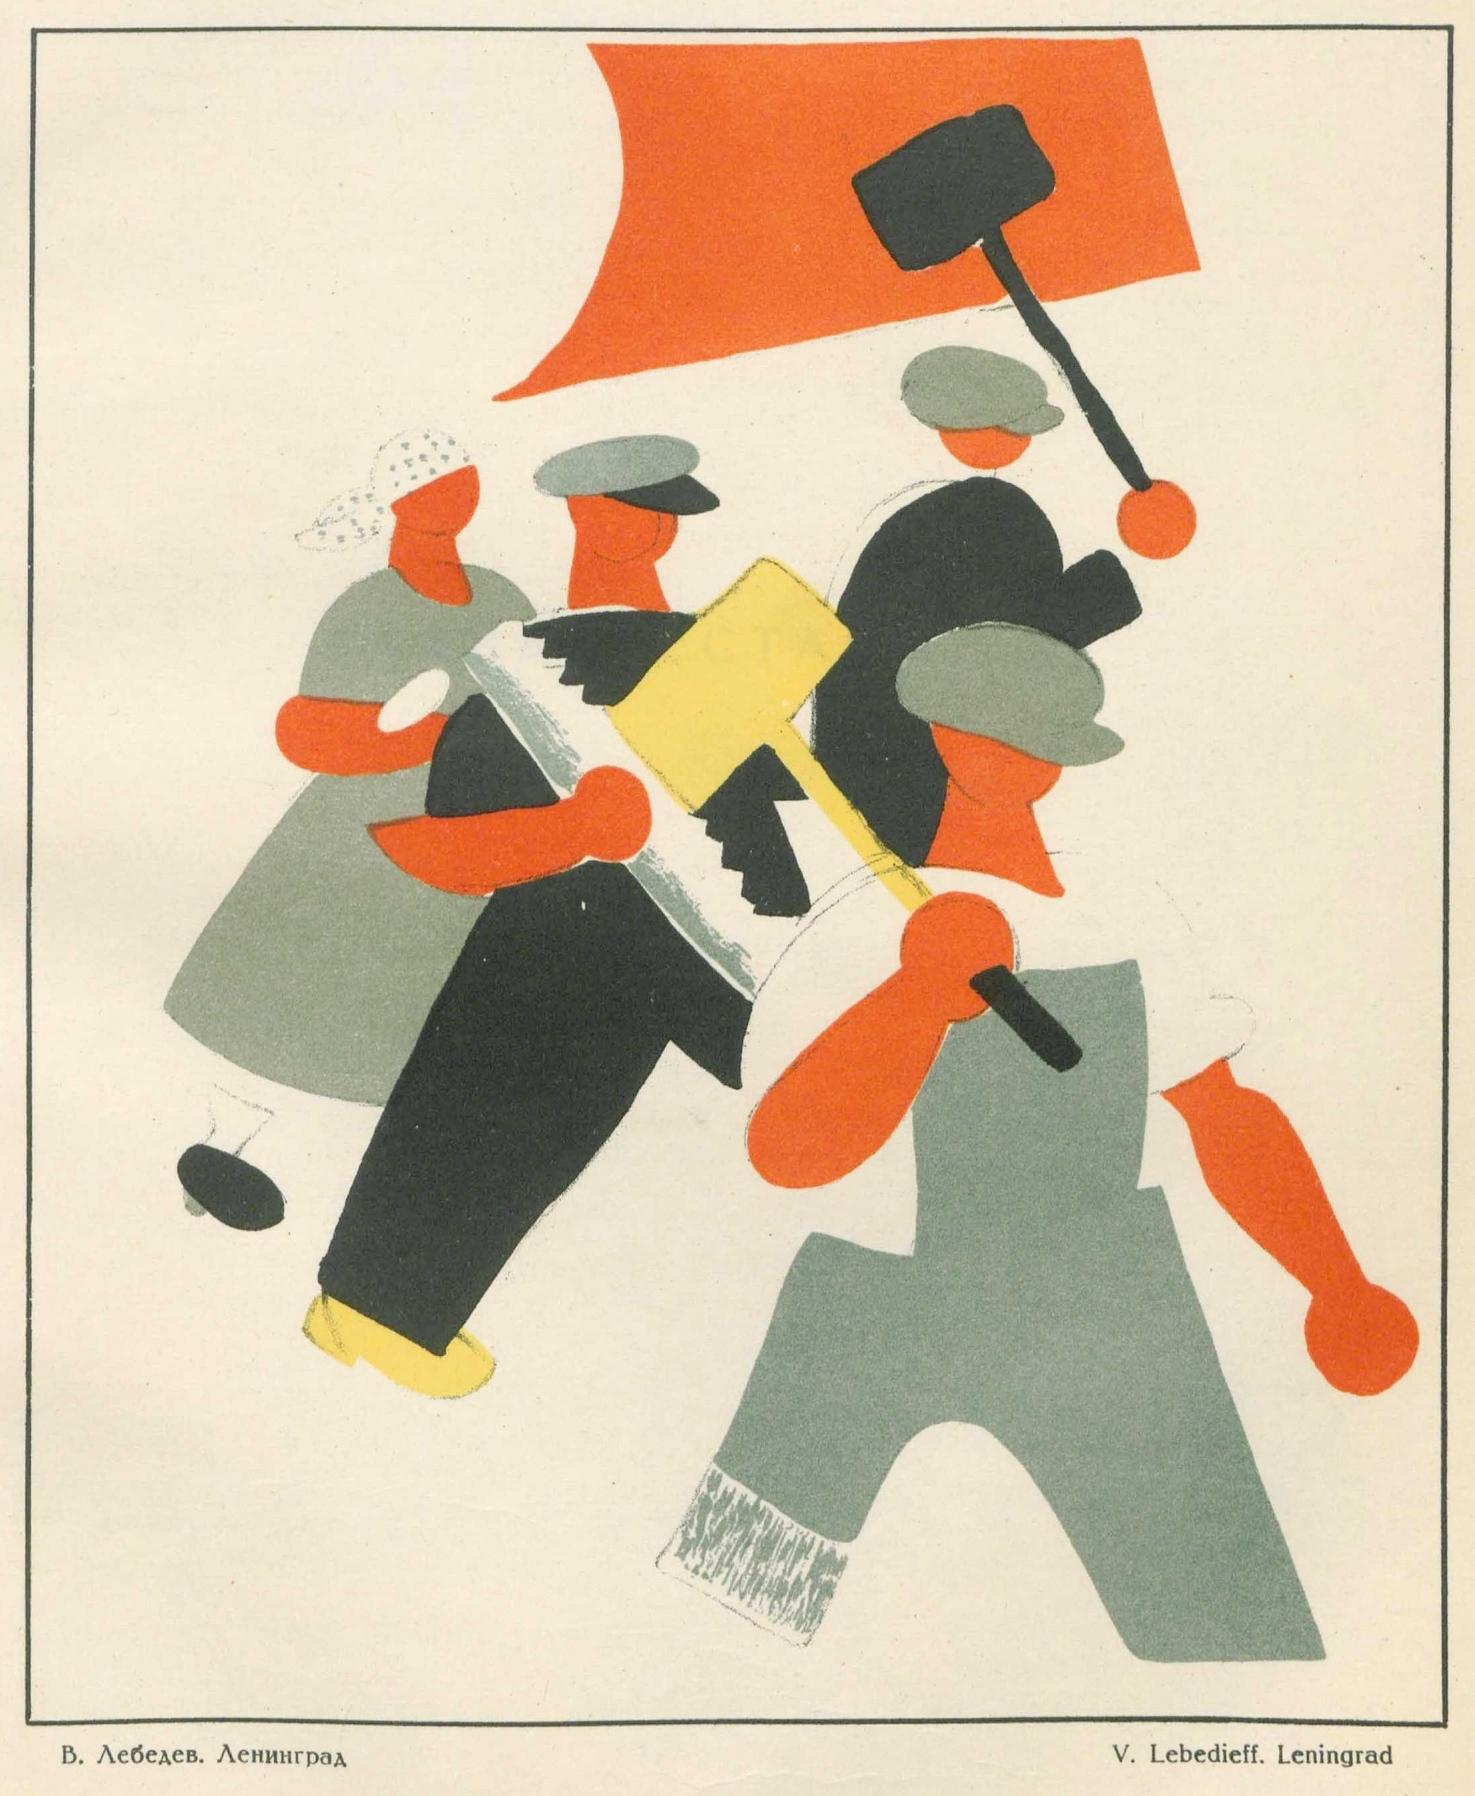 В. Лебедев. Ленинград. V. Lebedieff. Leningrad. «Первомайское шествие рабочих».